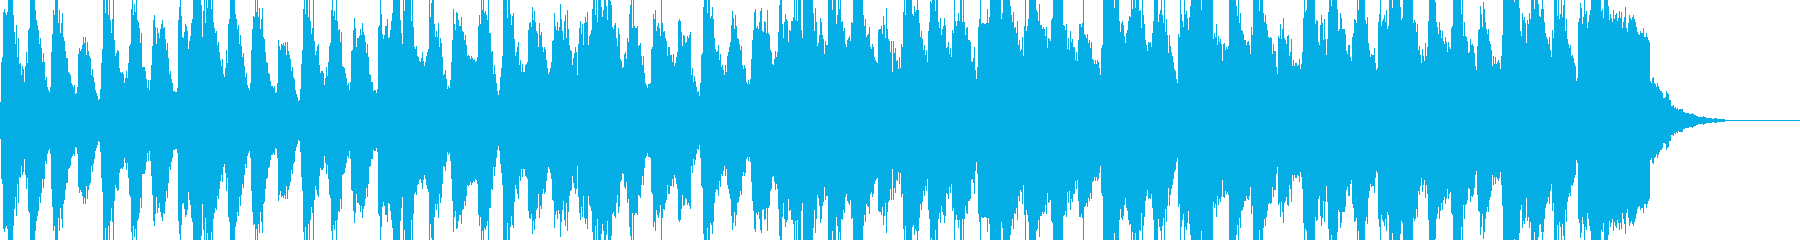 記念日、誕生日などお祝い用の合唱曲の再生済みの波形